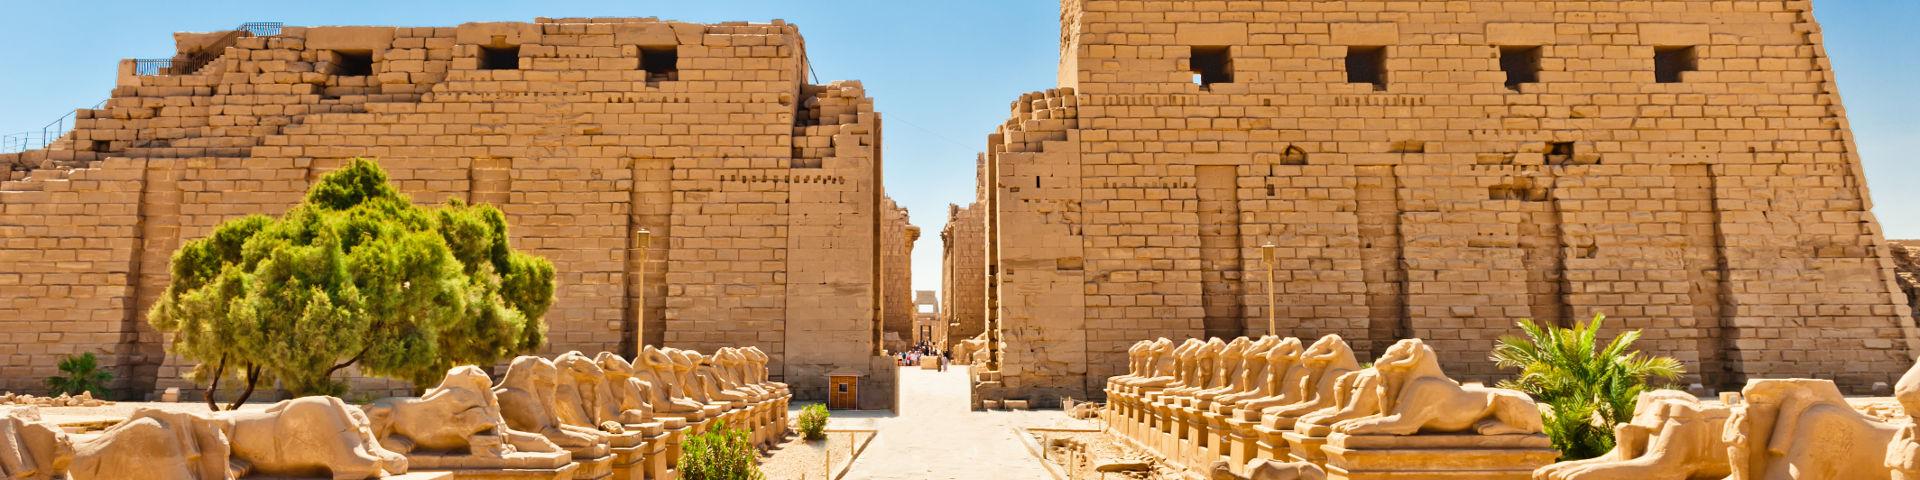 Luxor hero new